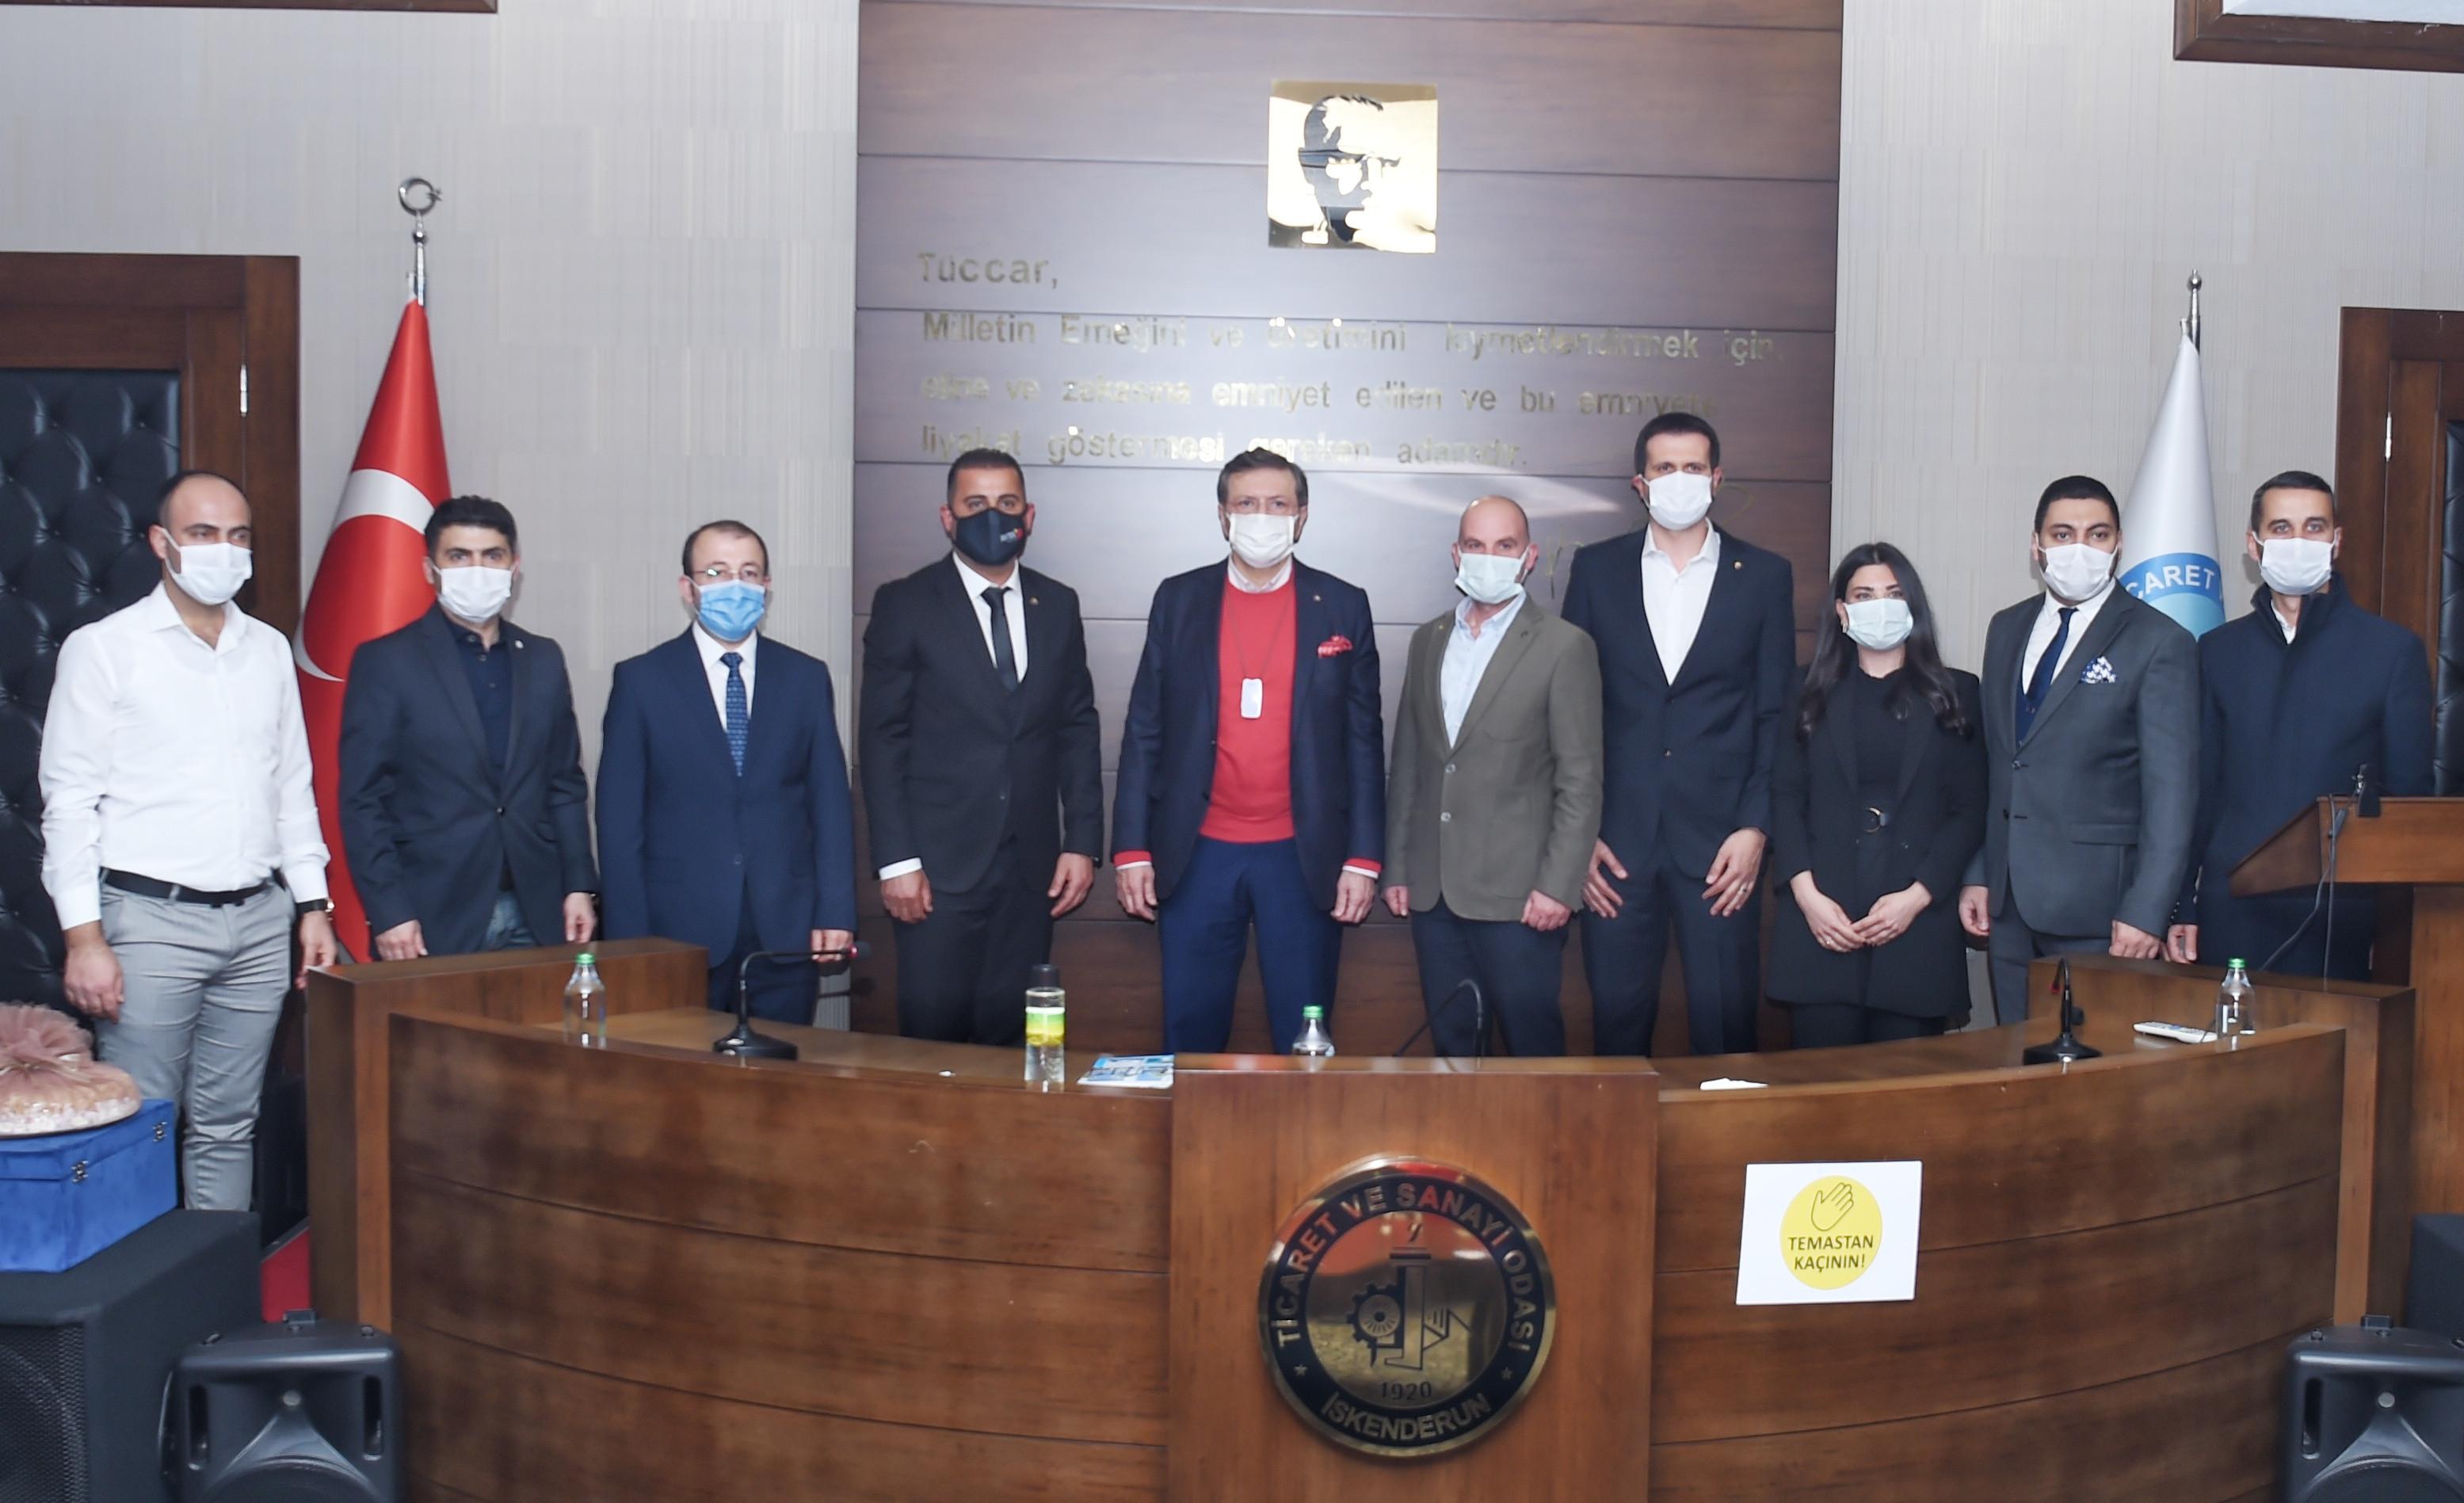 Türkiye Odalar ve Borsalar Birliği (TOBB) BaşkanıM. Rifat Hisarcıklıoğlu Ziyareti